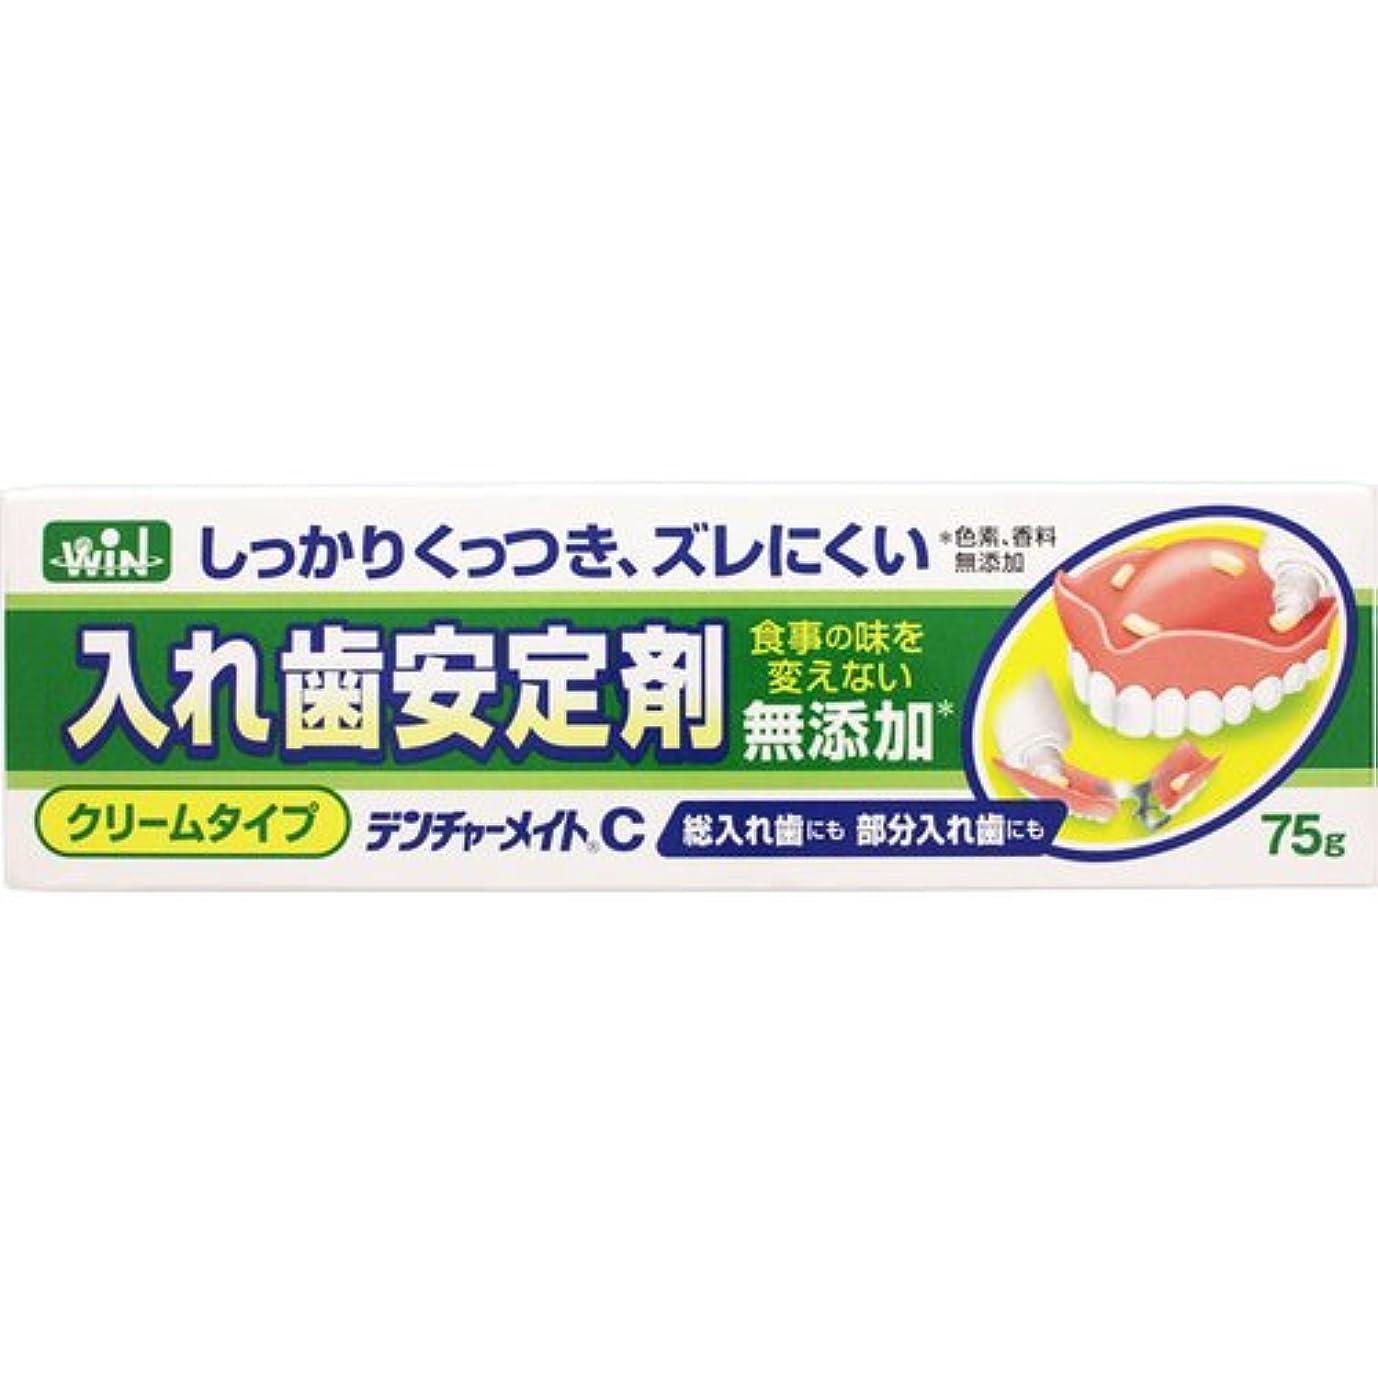 ロープピン耐久入れ歯安定剤 無添加 デンチャーメイトC クリームタイプ 75g